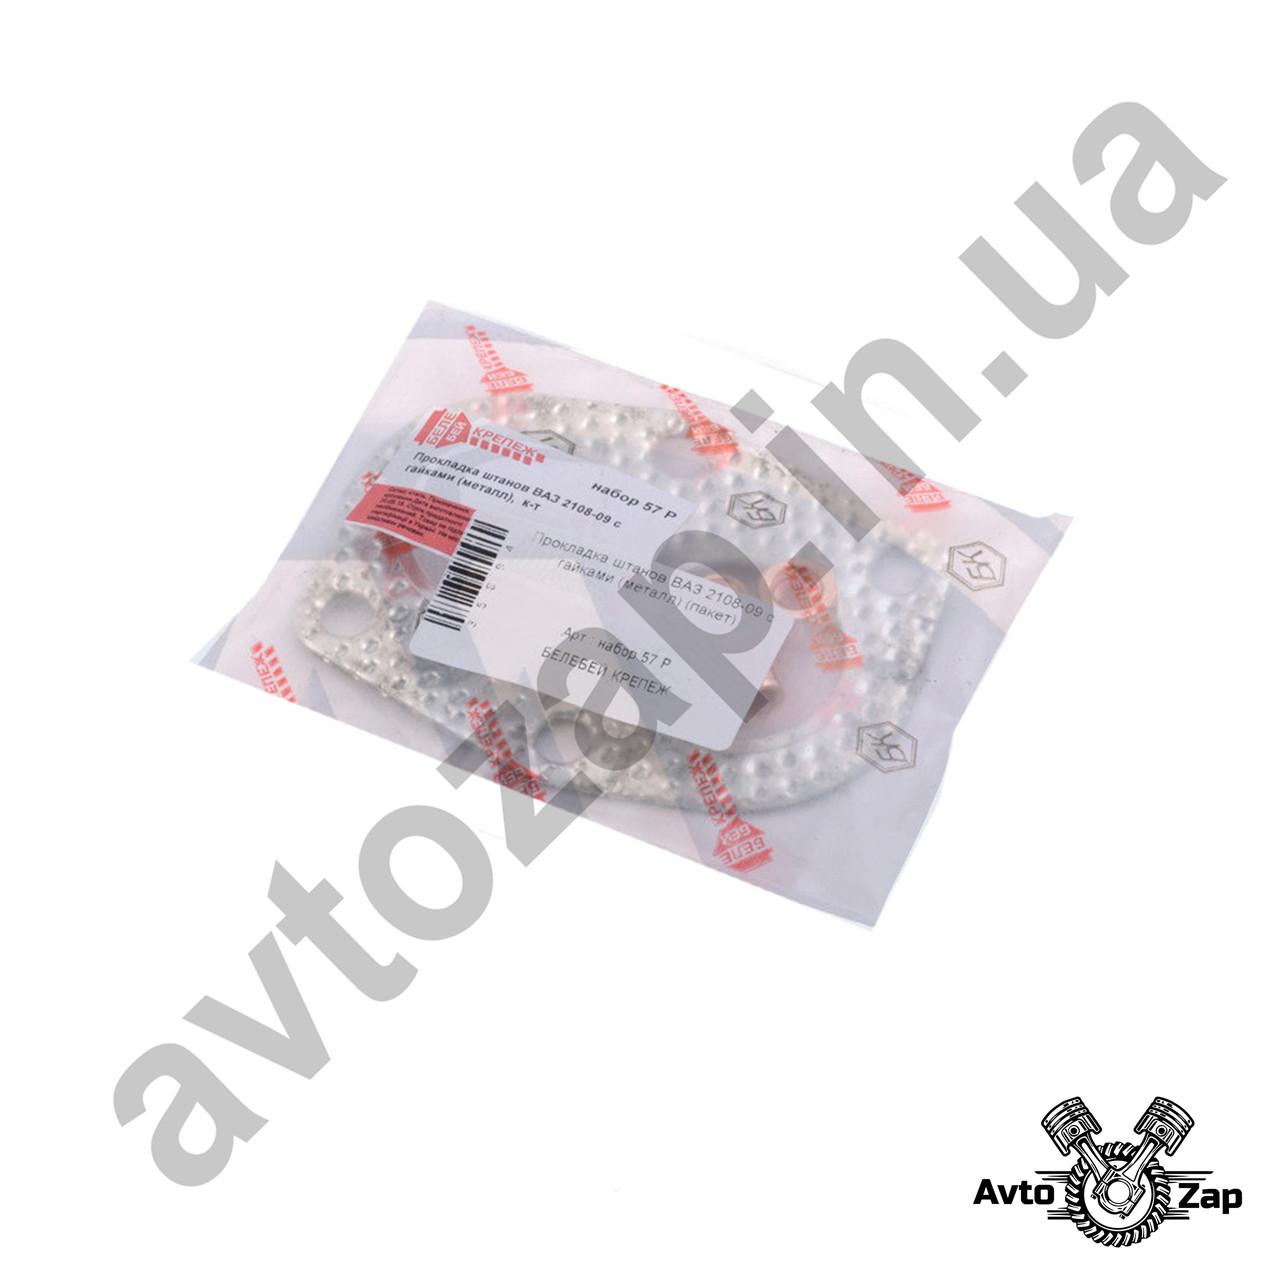 Ремкомплект трубы приёмной   ВАЗ 2101-07,(прокладка, гайки)      40571